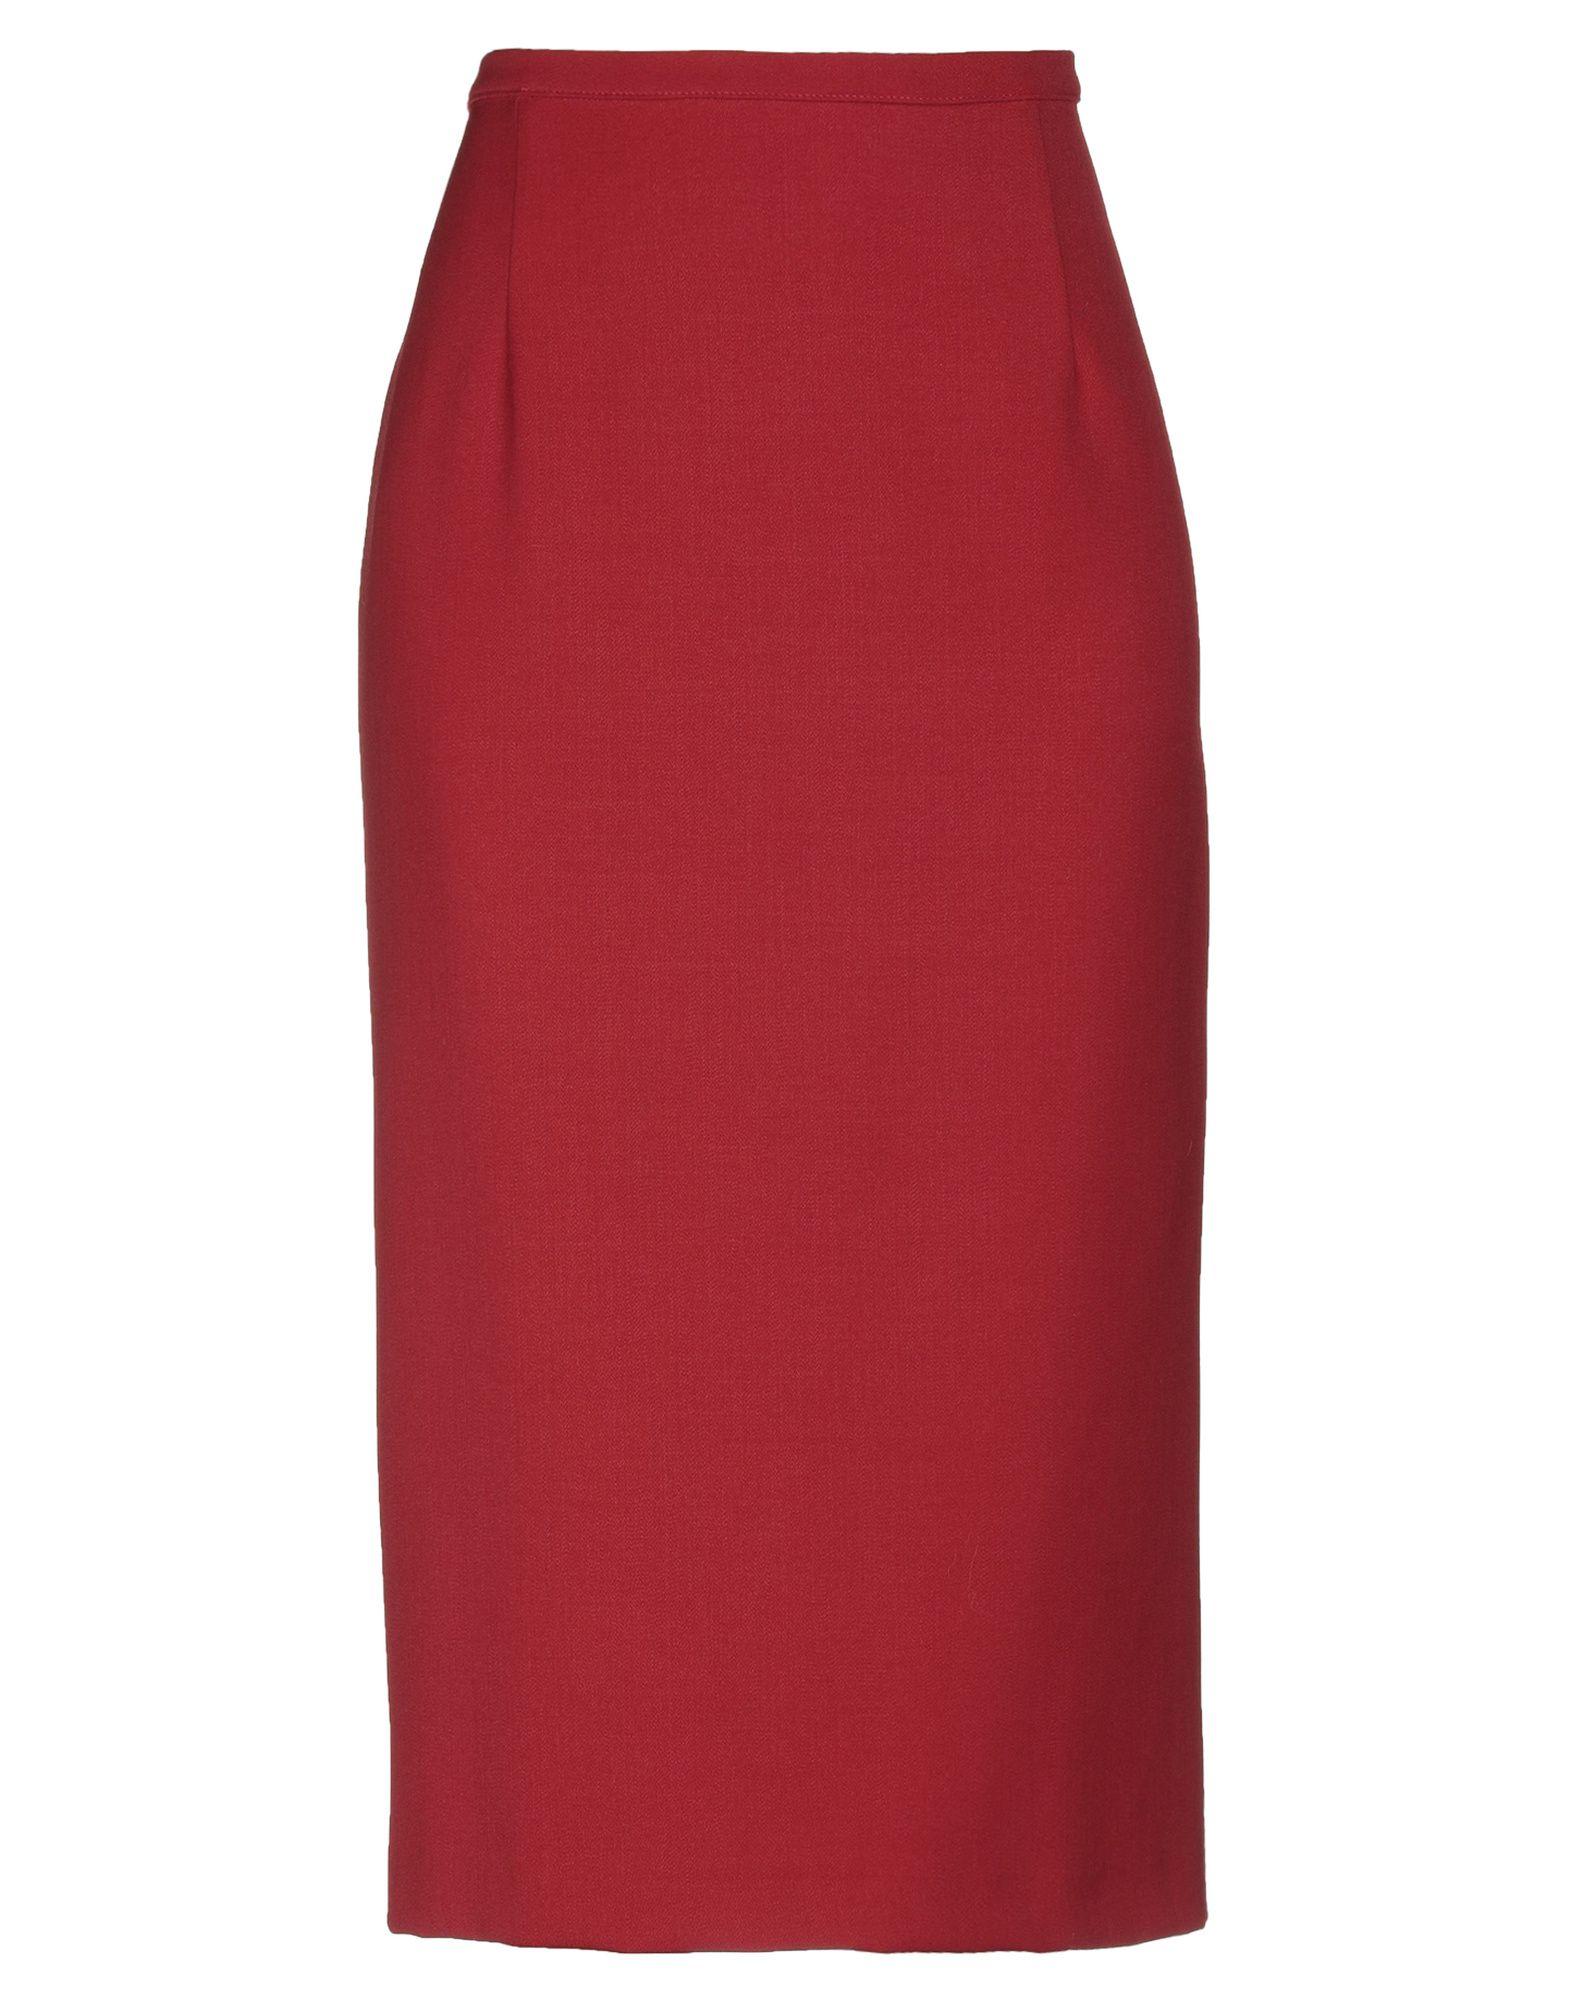 037f66ecd Брендовая женская одежда и аксессуары - сток Itsunsolutions